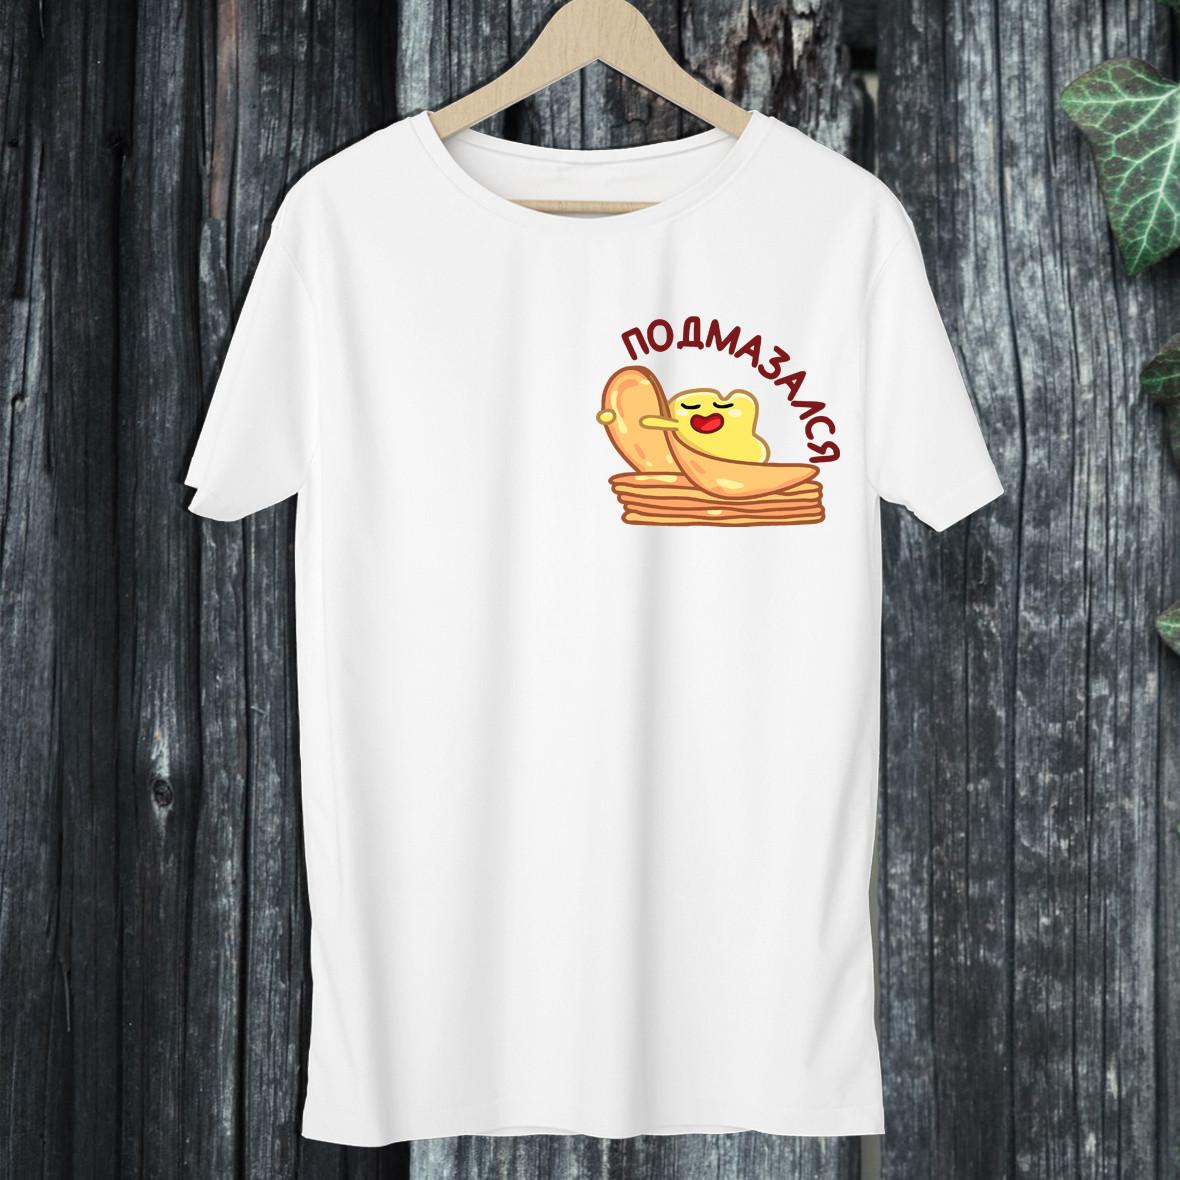 """Чоловіча футболка з принтом """"Подмазался"""" Push IT S, Білий"""